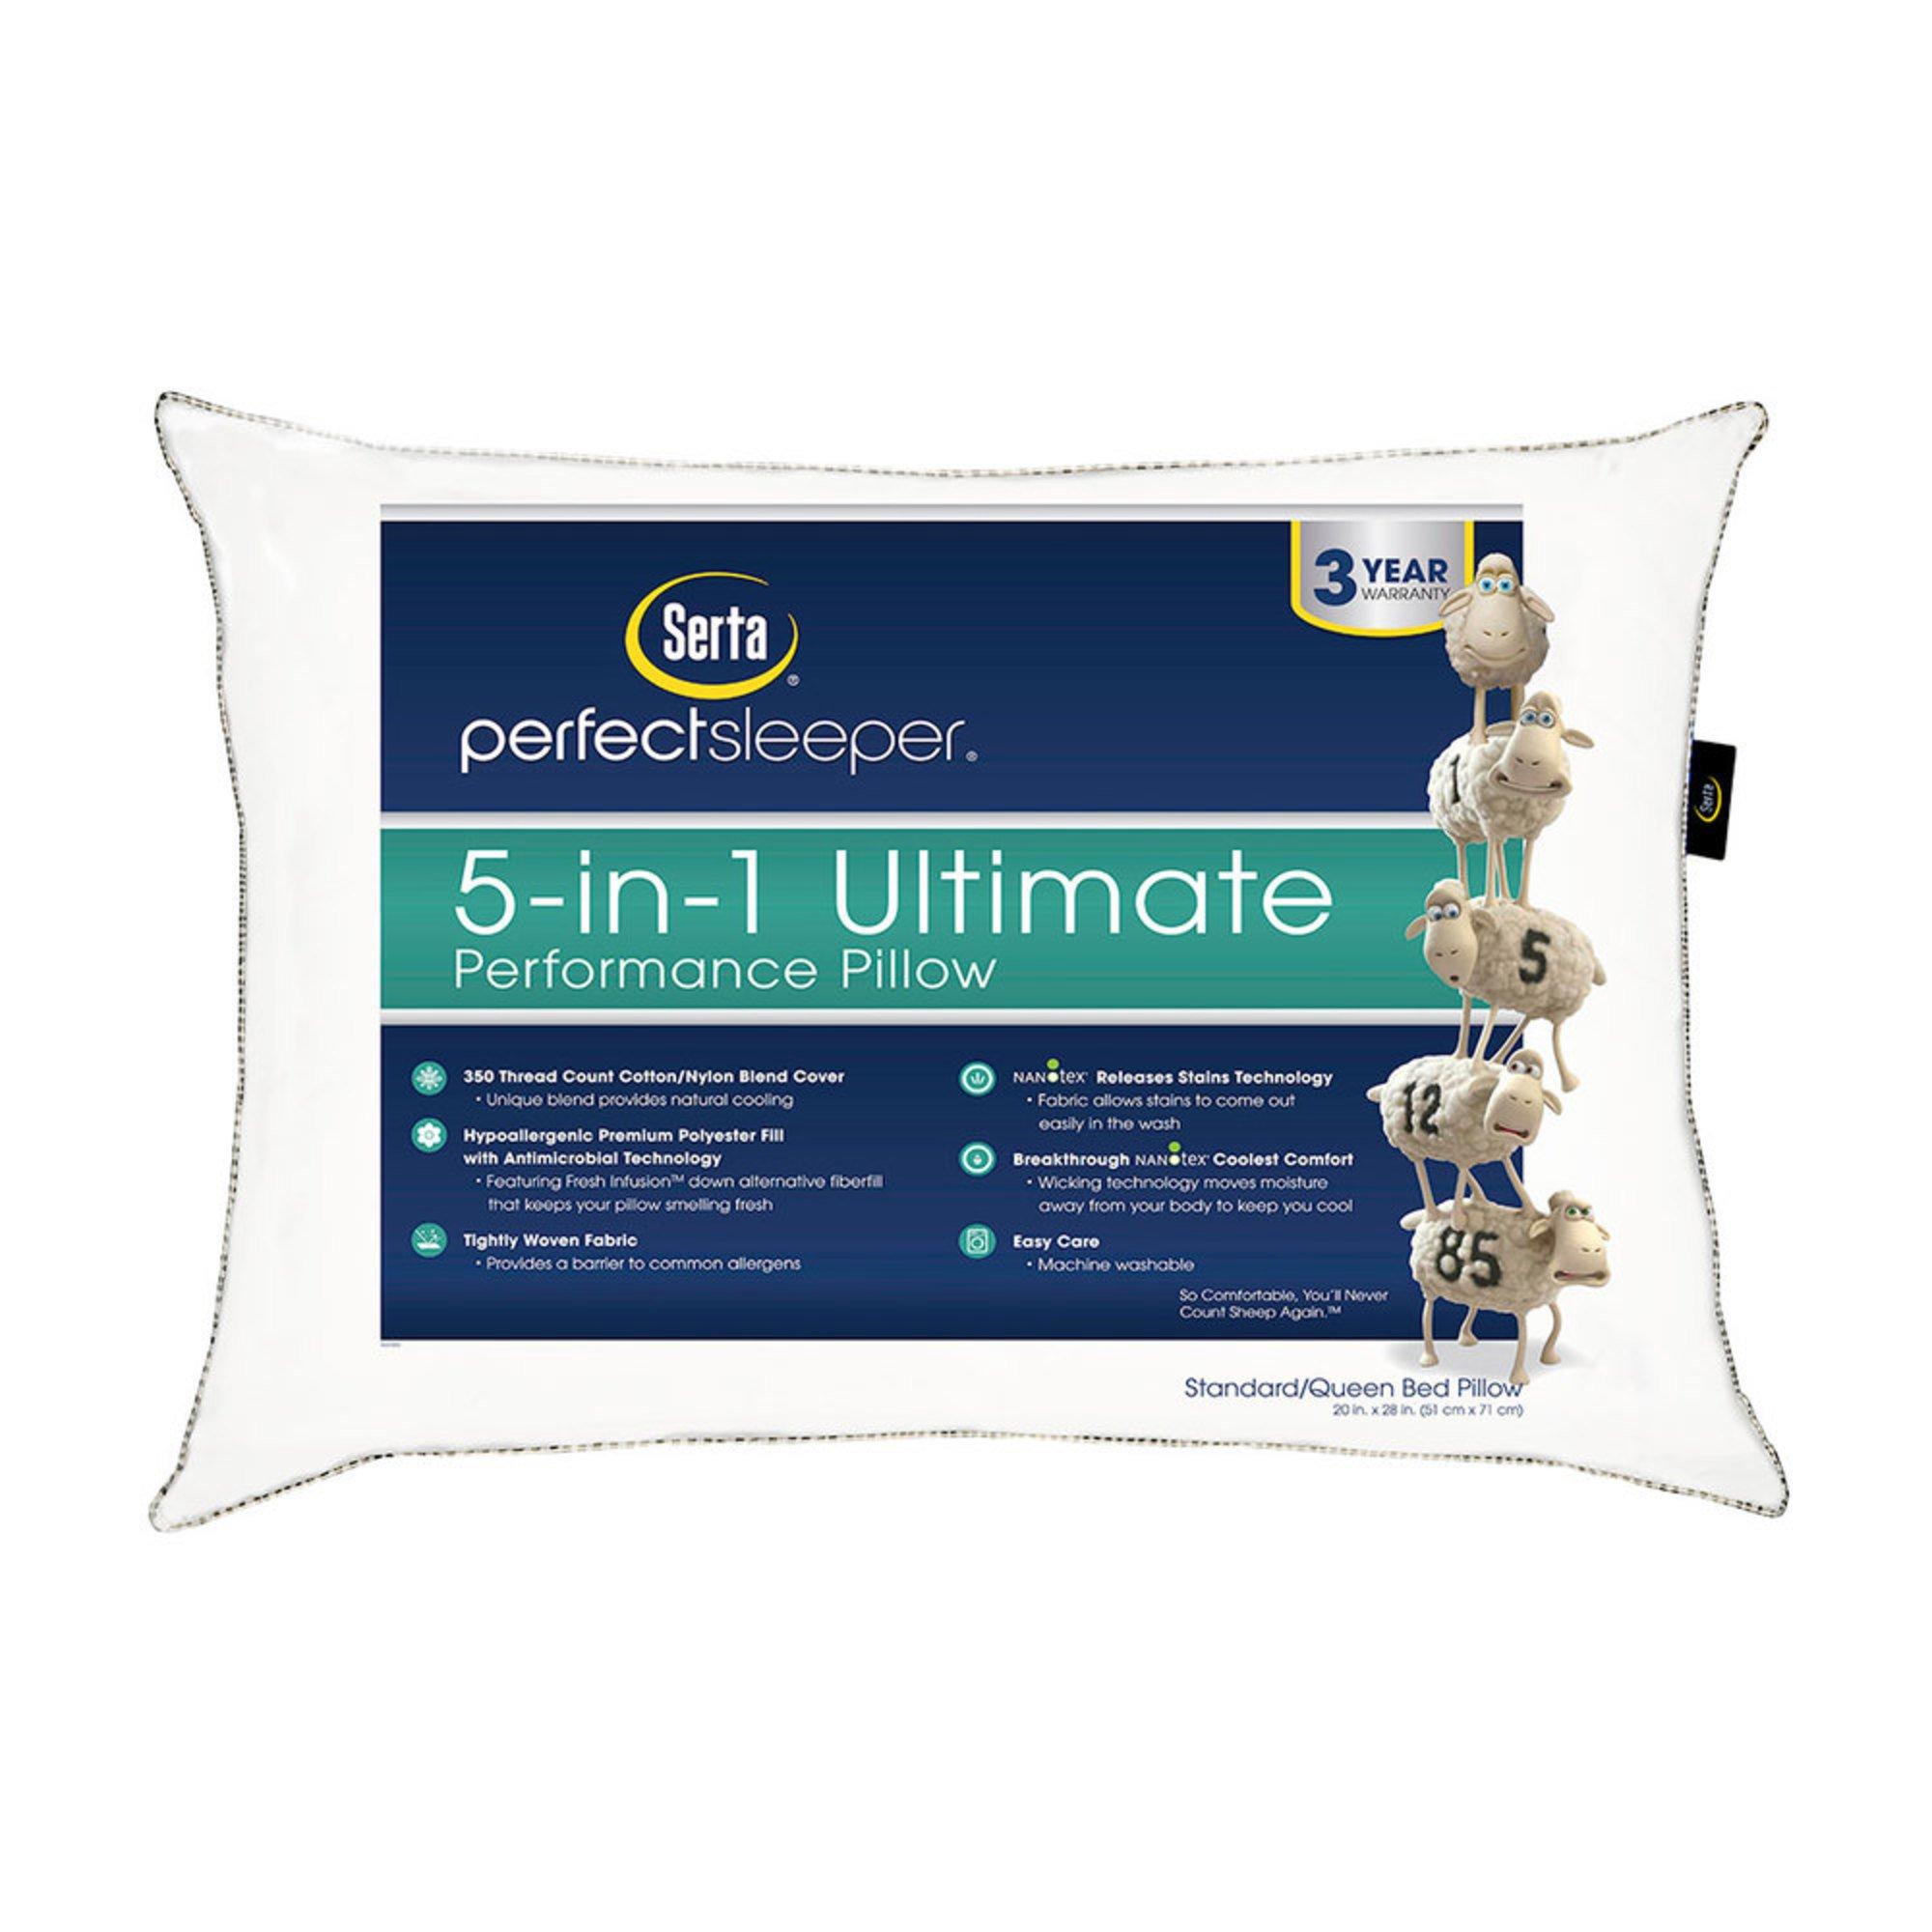 serta perfect sleeper 5 in 1 ultimate